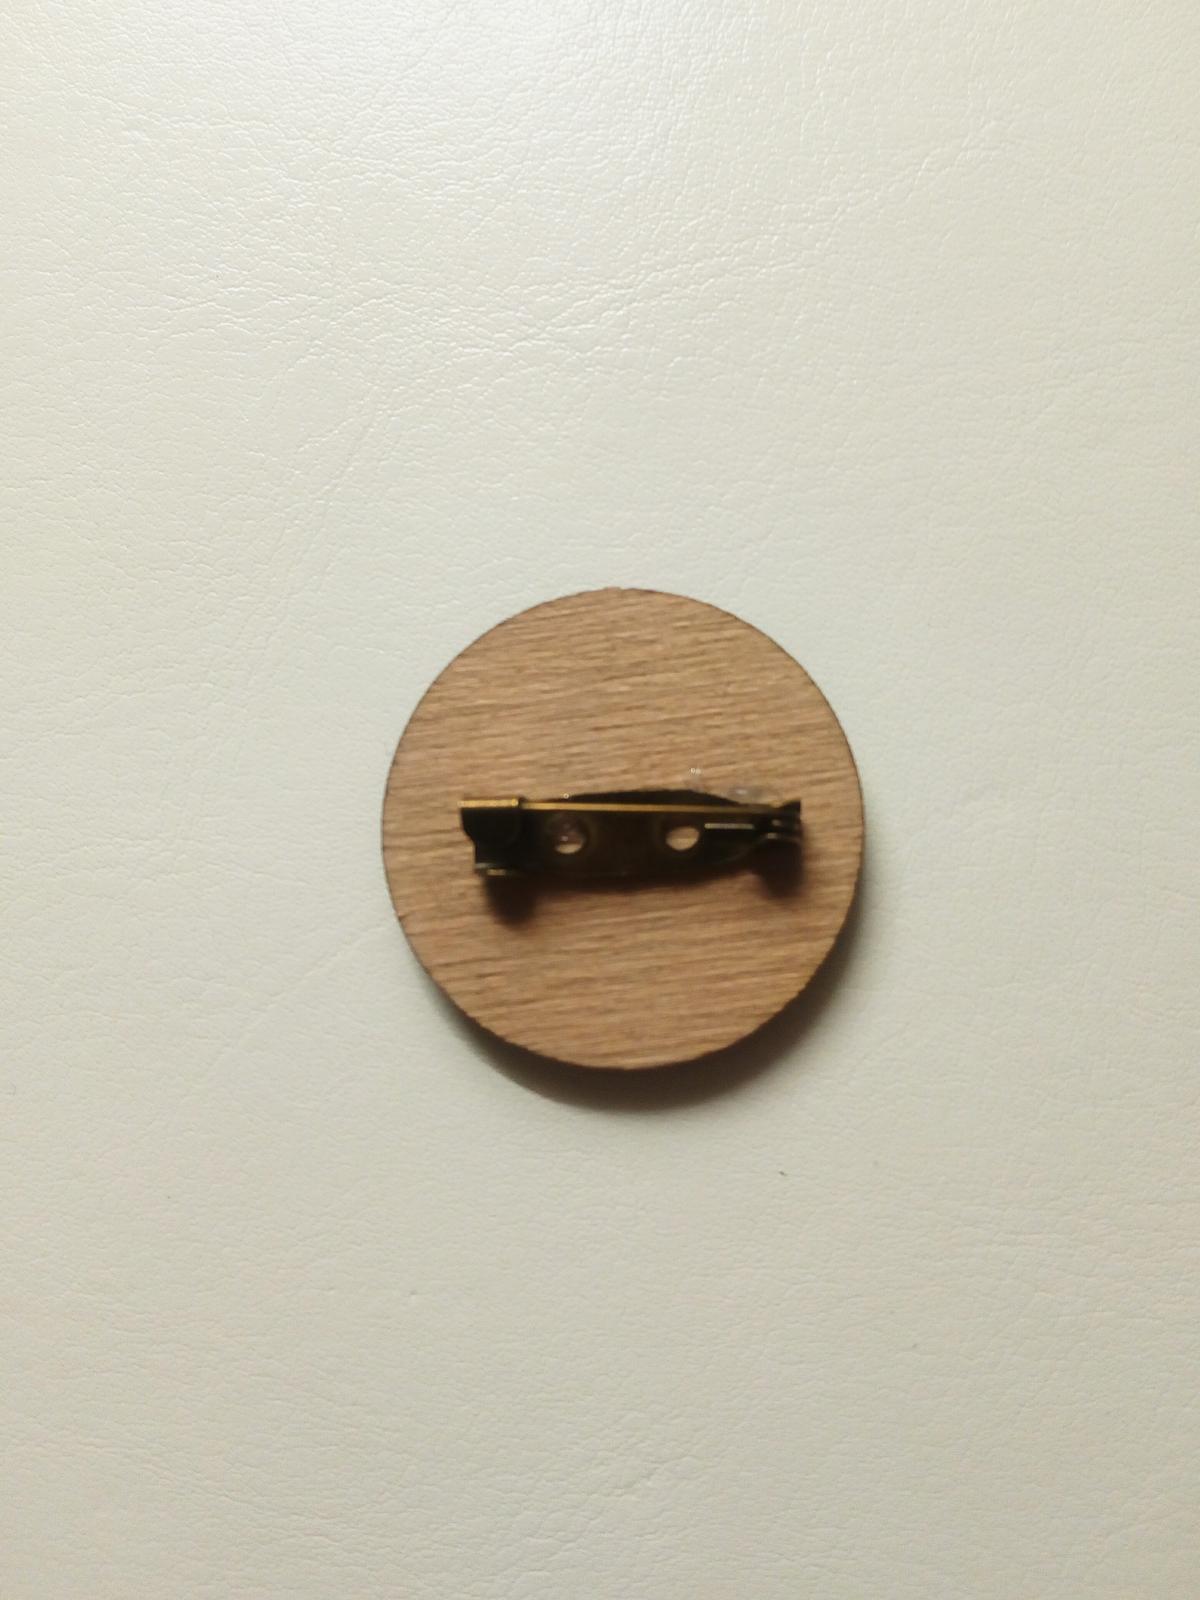 Dřevěné vývazky - Připnutí zajištěno brožovým můstkem